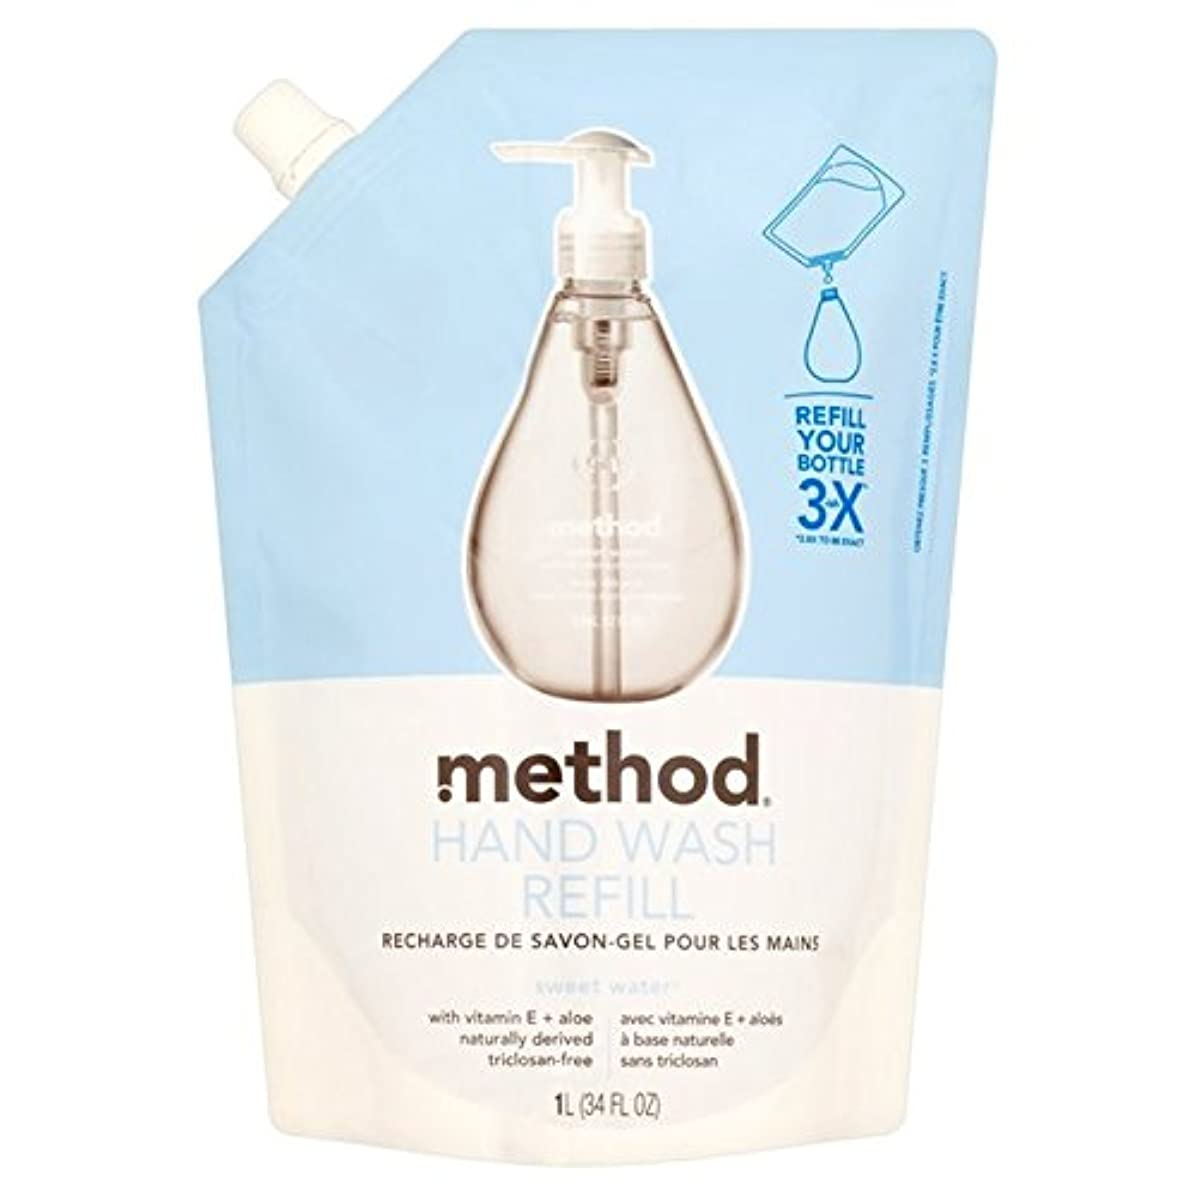 タービン有害な番号Method Sweet Water Refil Handwash 1L - メソッドの甘い水のリファイルの手洗いの1リットル [並行輸入品]